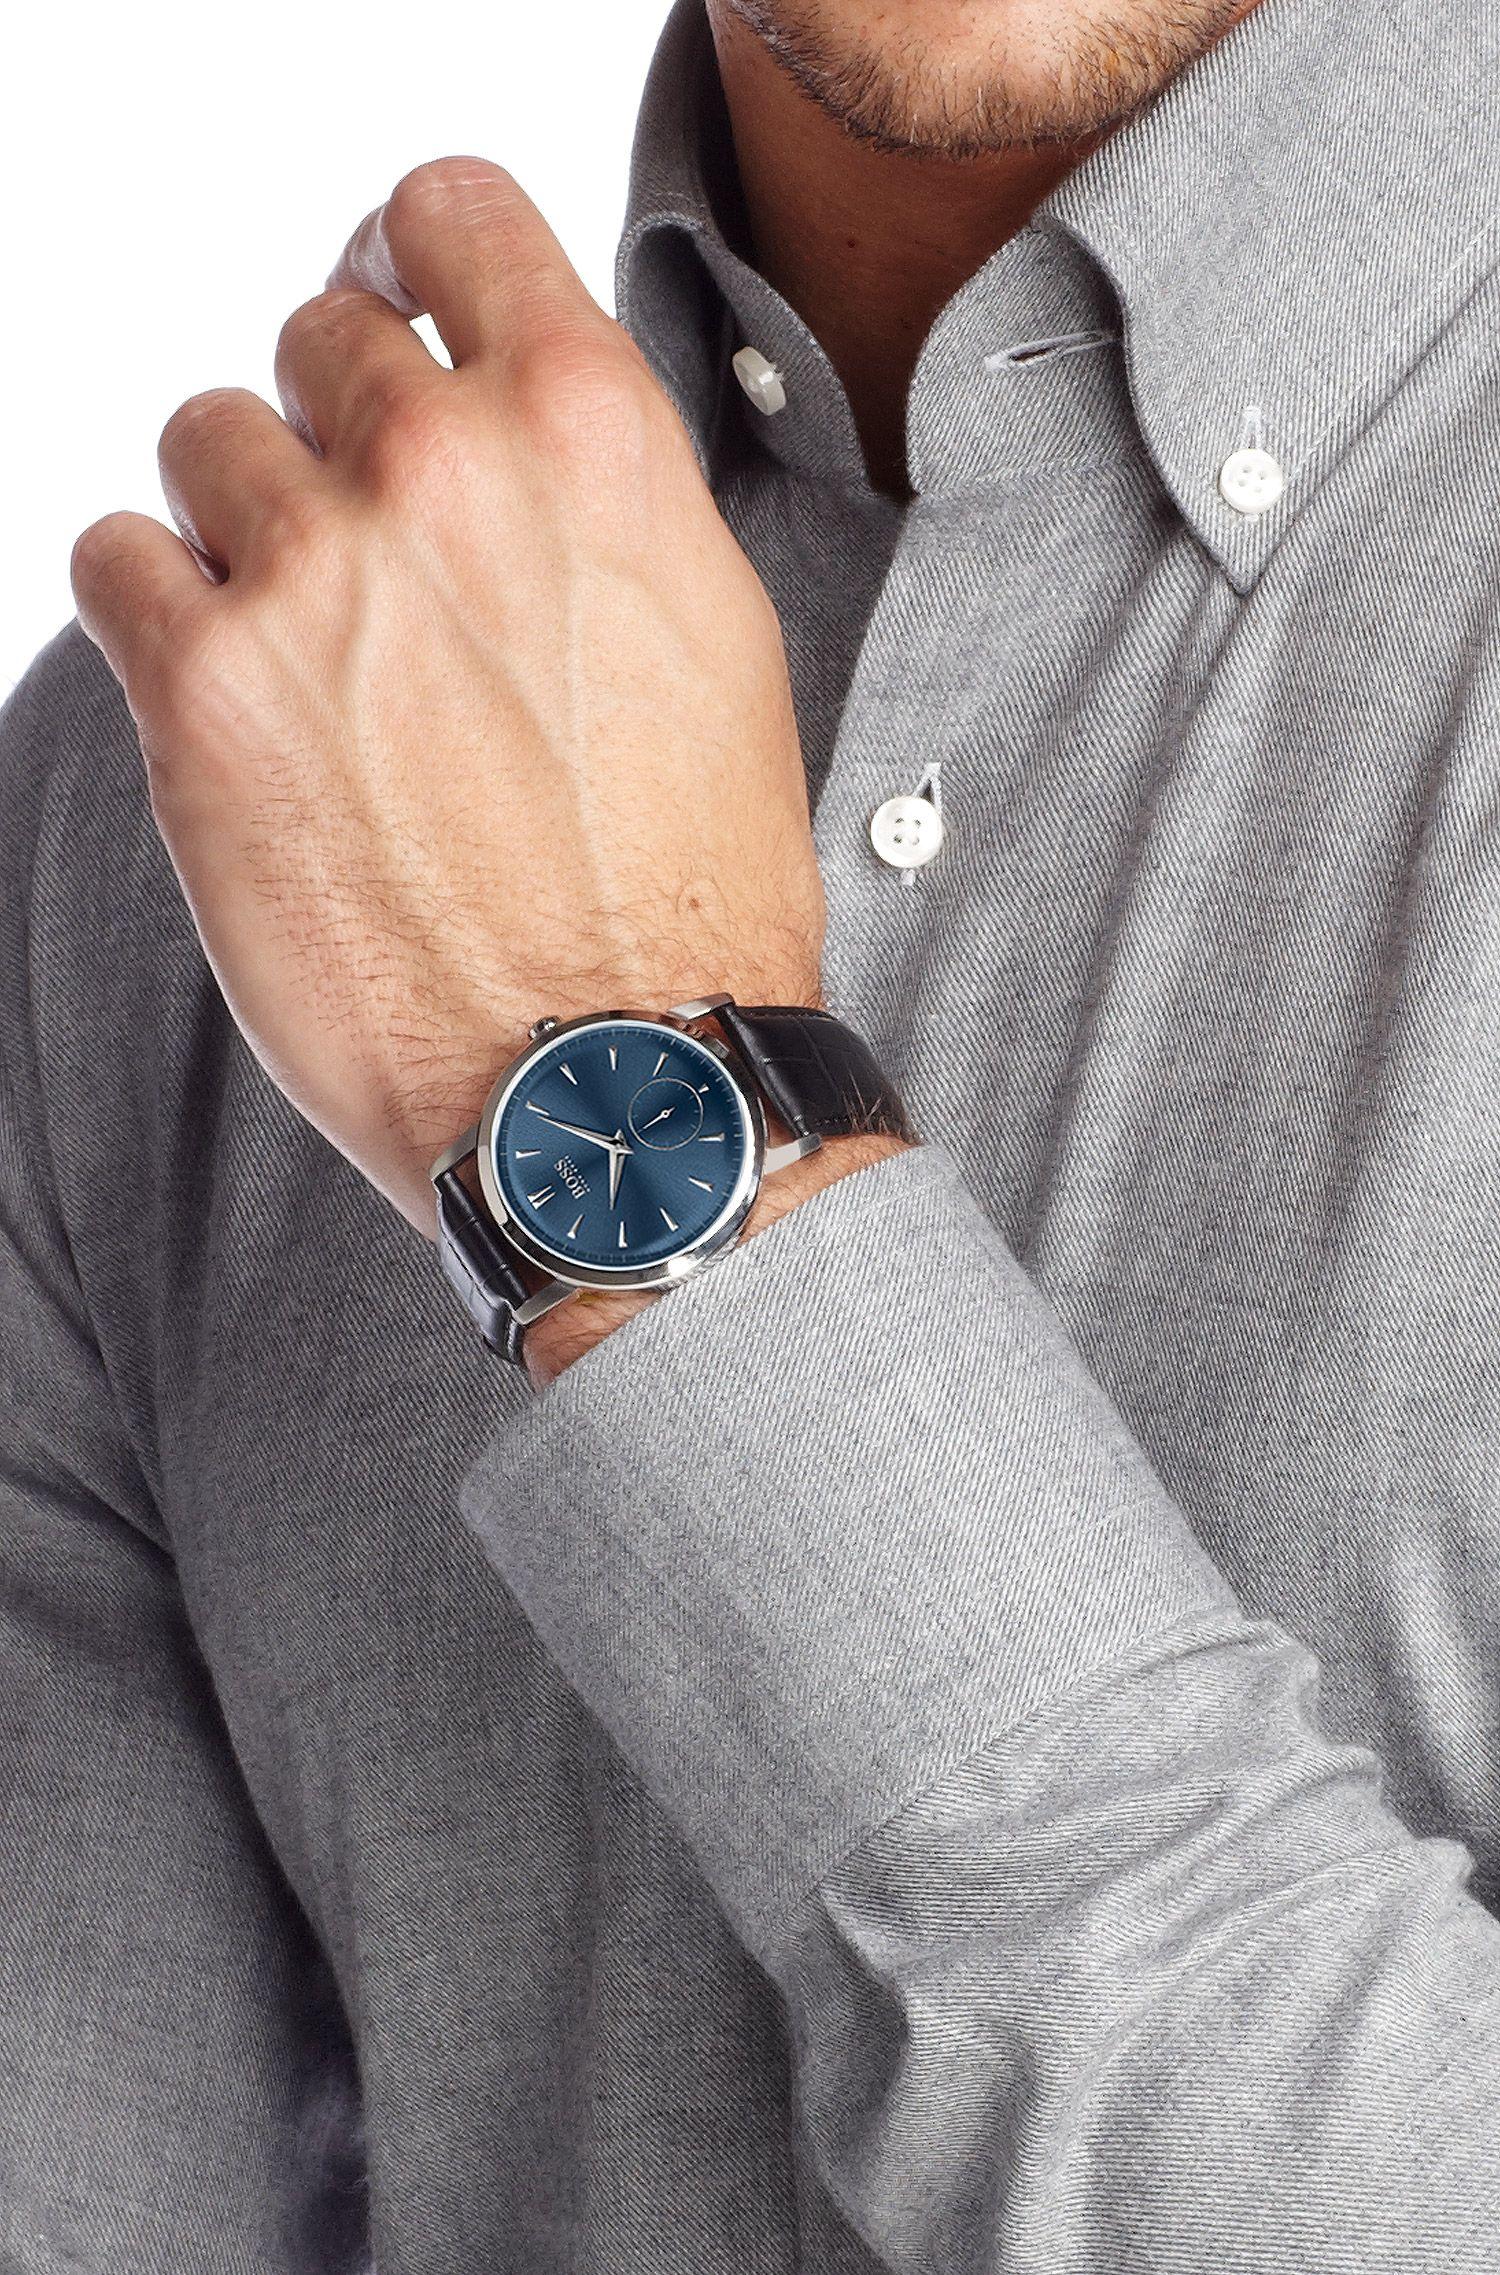 Montre-bracelet en acier inoxydable, HB 1013